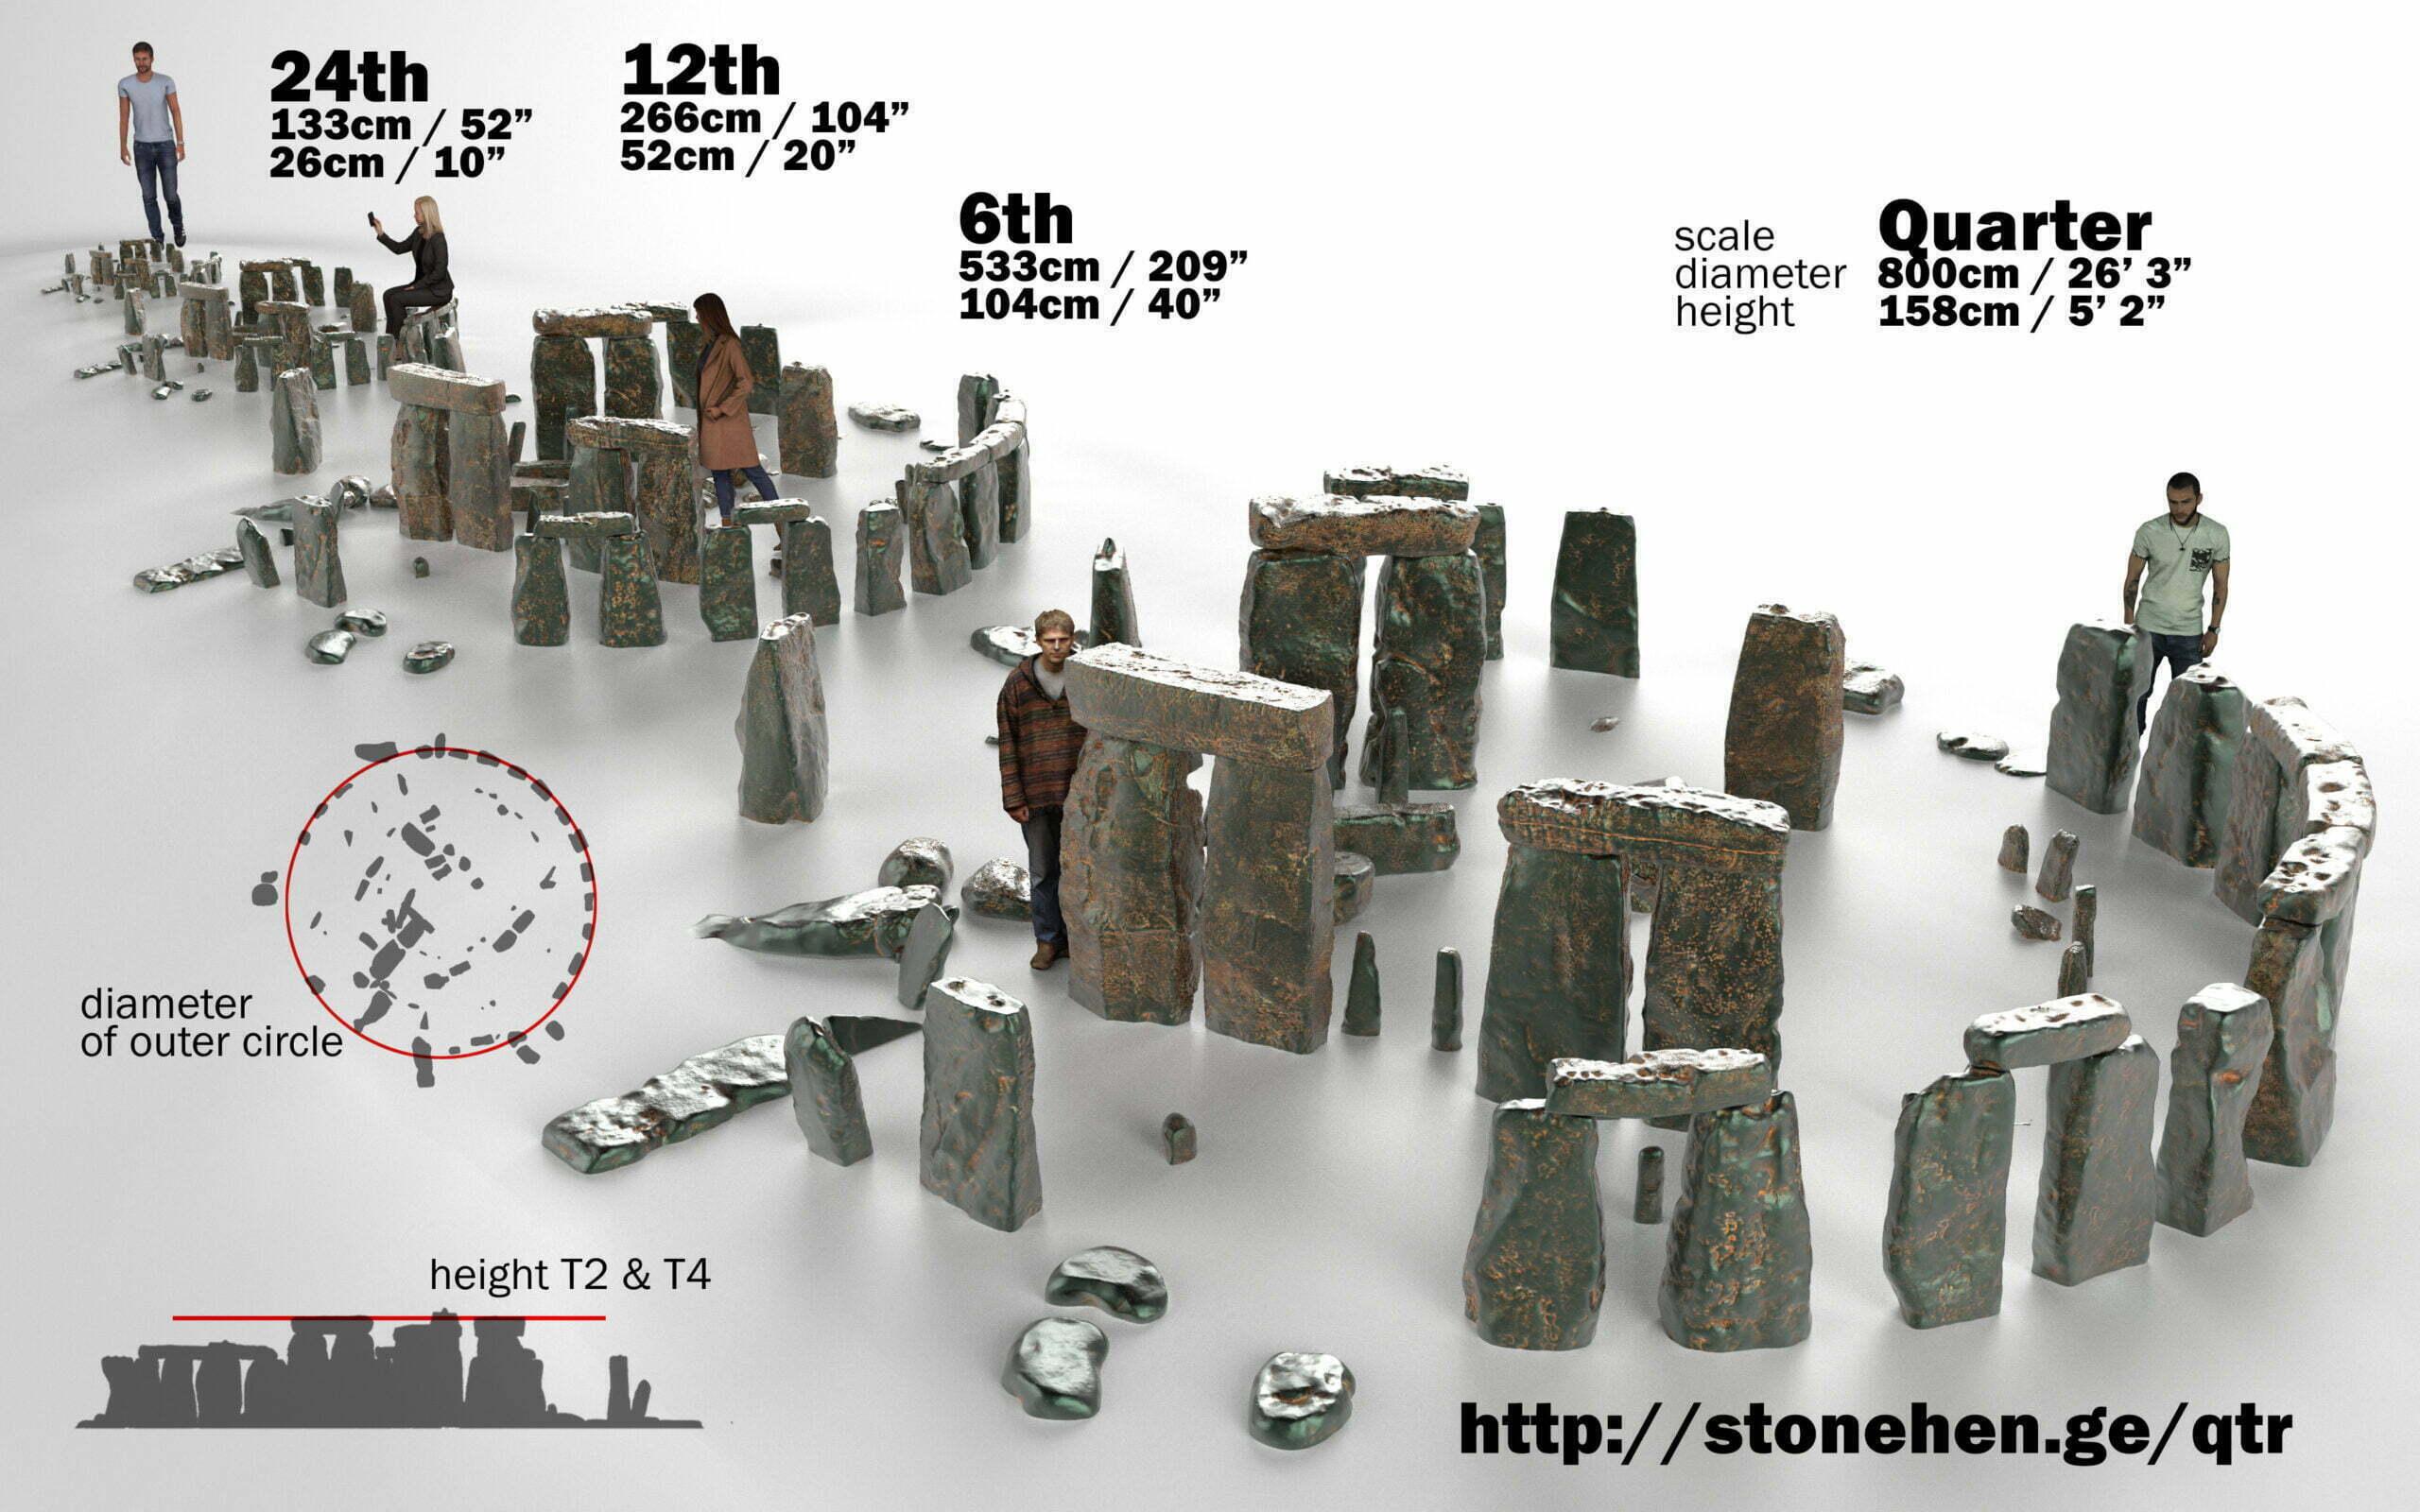 Buy Stonehenge Models: quarter scale model of Stonehenge for gardens scaled  - Quarter scale Stonehenge for gardens - Quarter scale Stonehenge for gardens